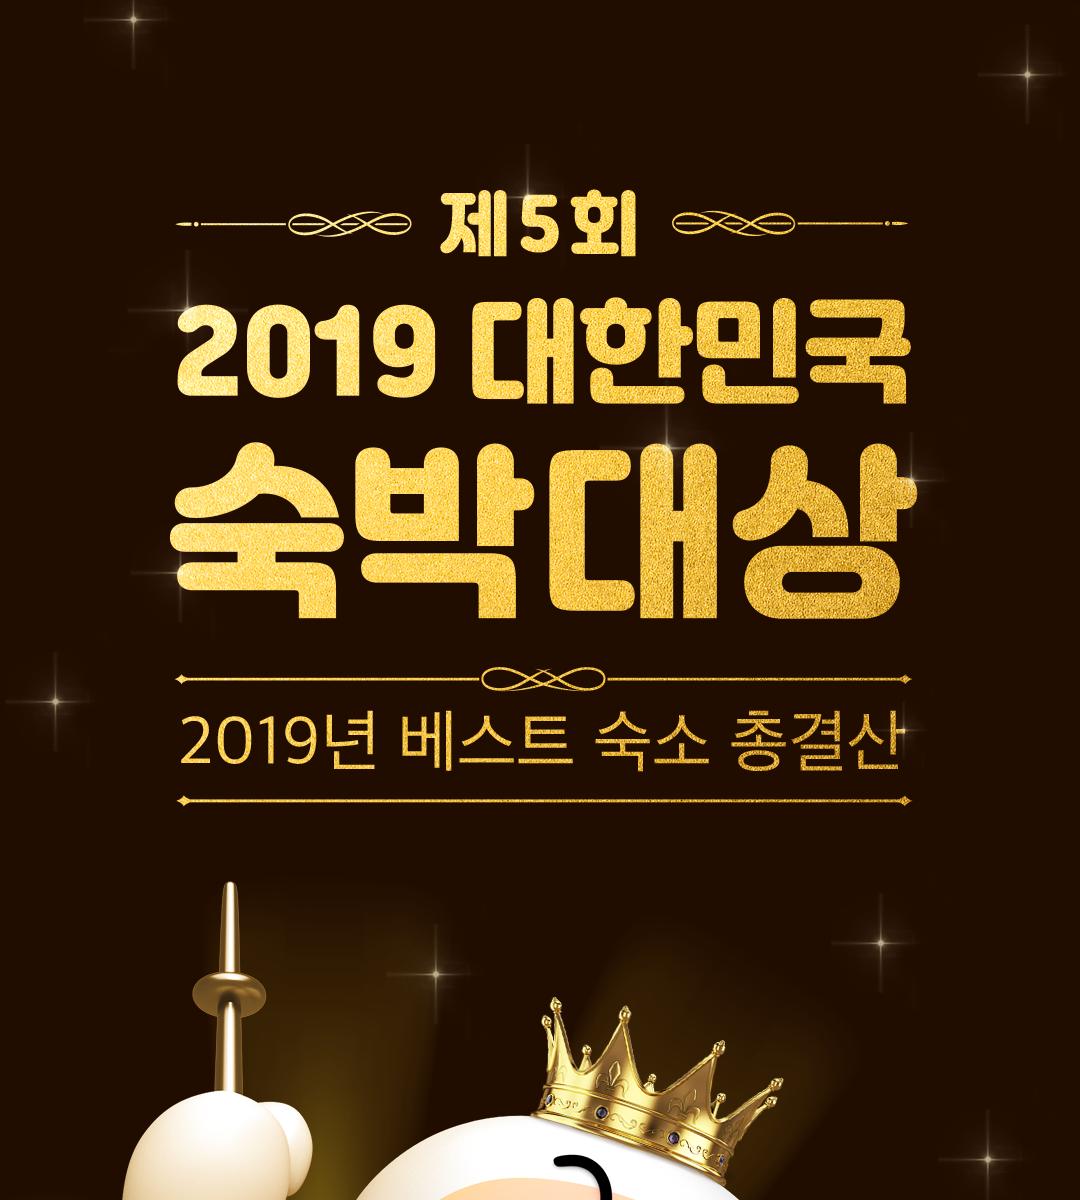 제 5회 2019 대한민국 숙박대상